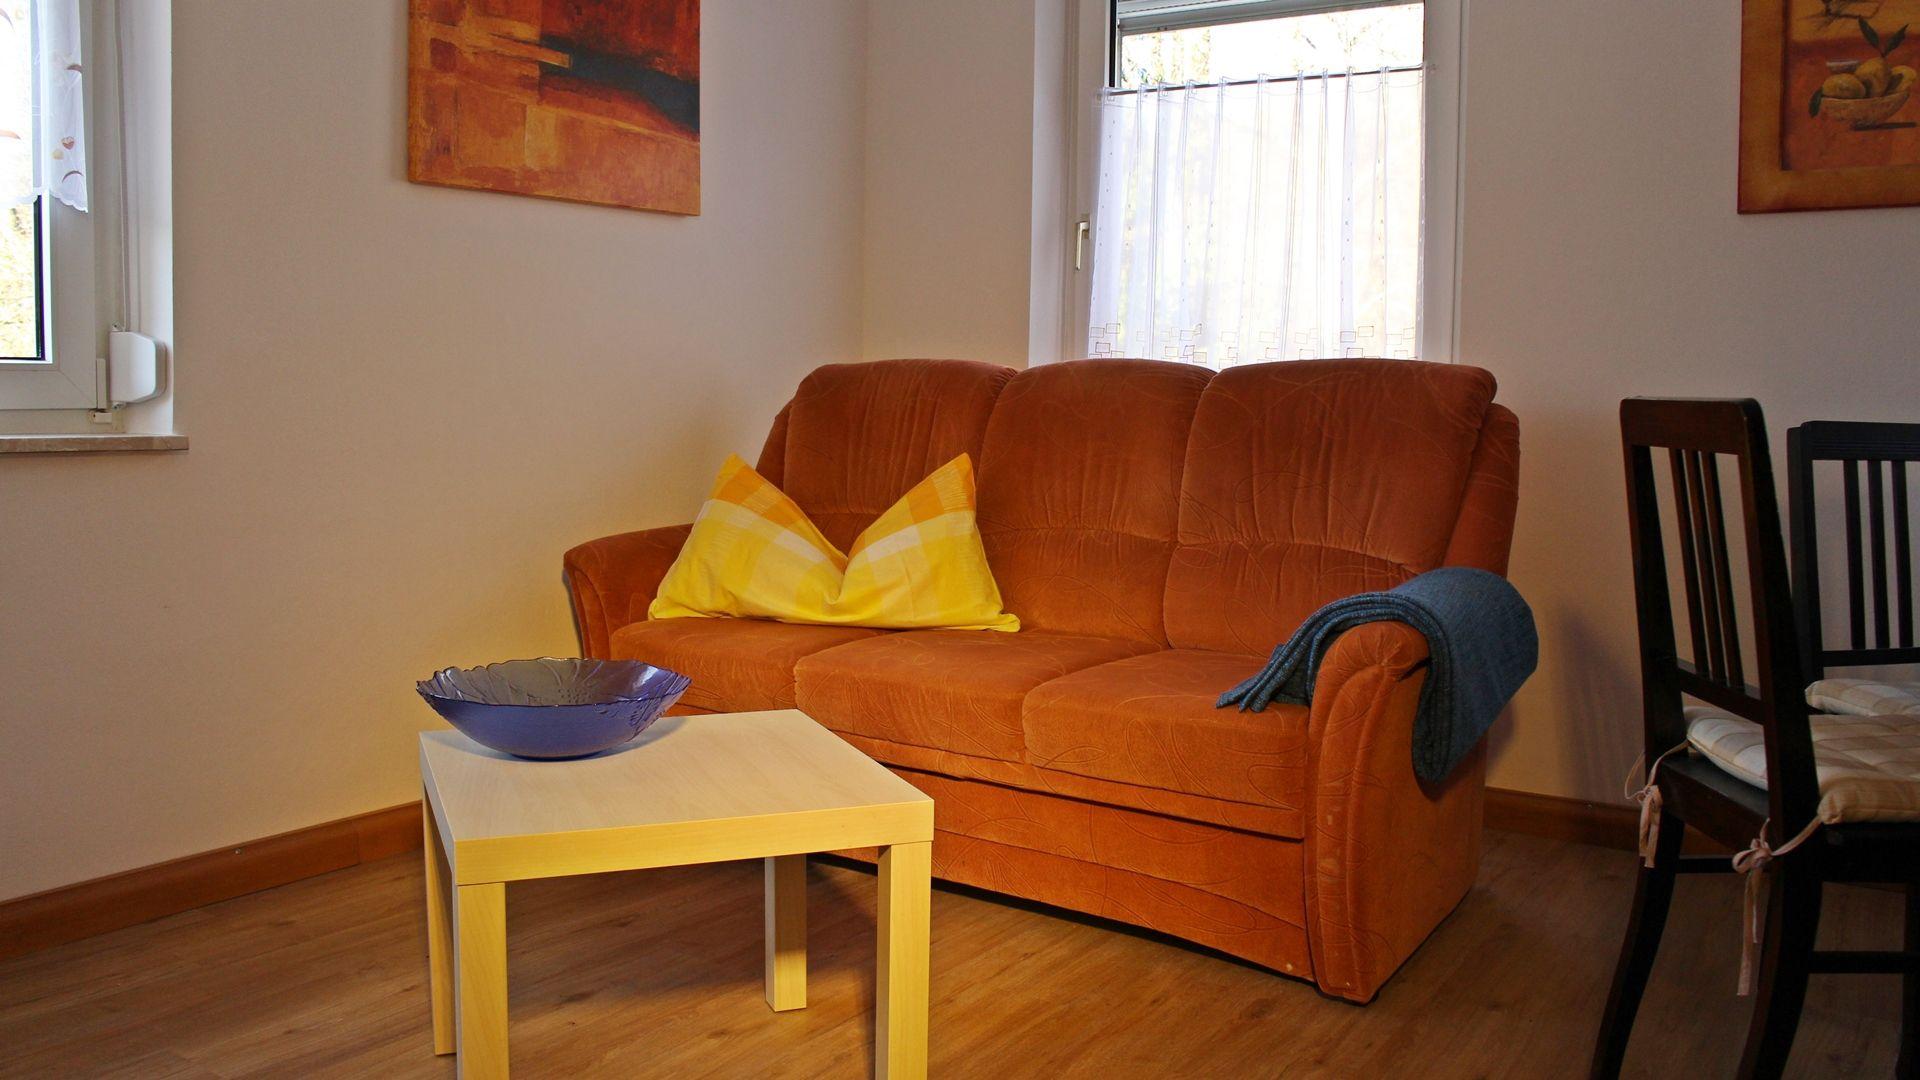 wohndesign gemutliches wohnzimmer ideen images emejing wohnung farben ideen images house design